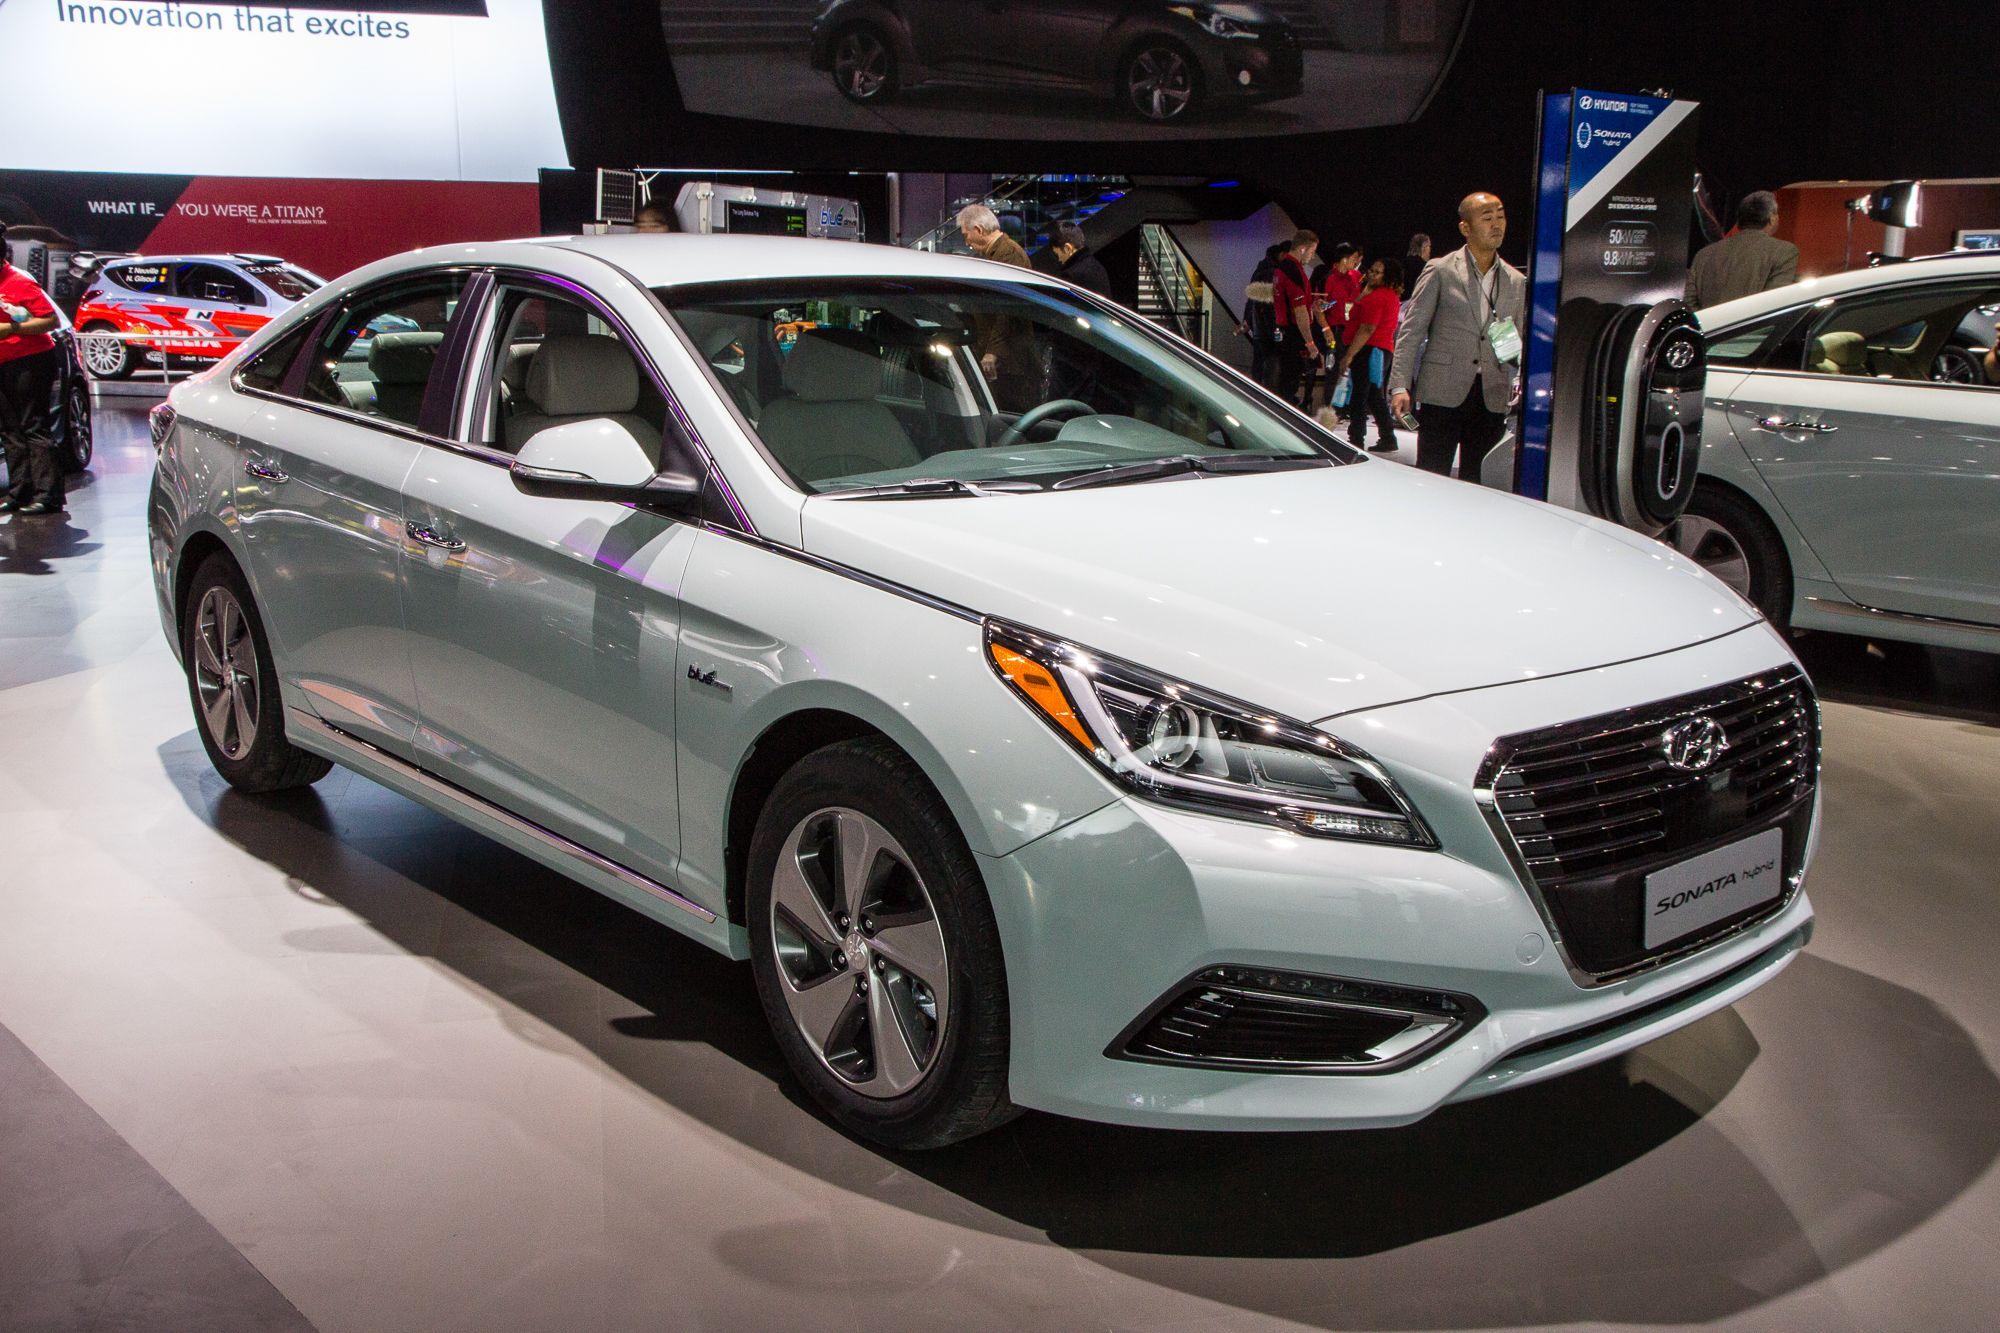 Pin On Hyundai Articles